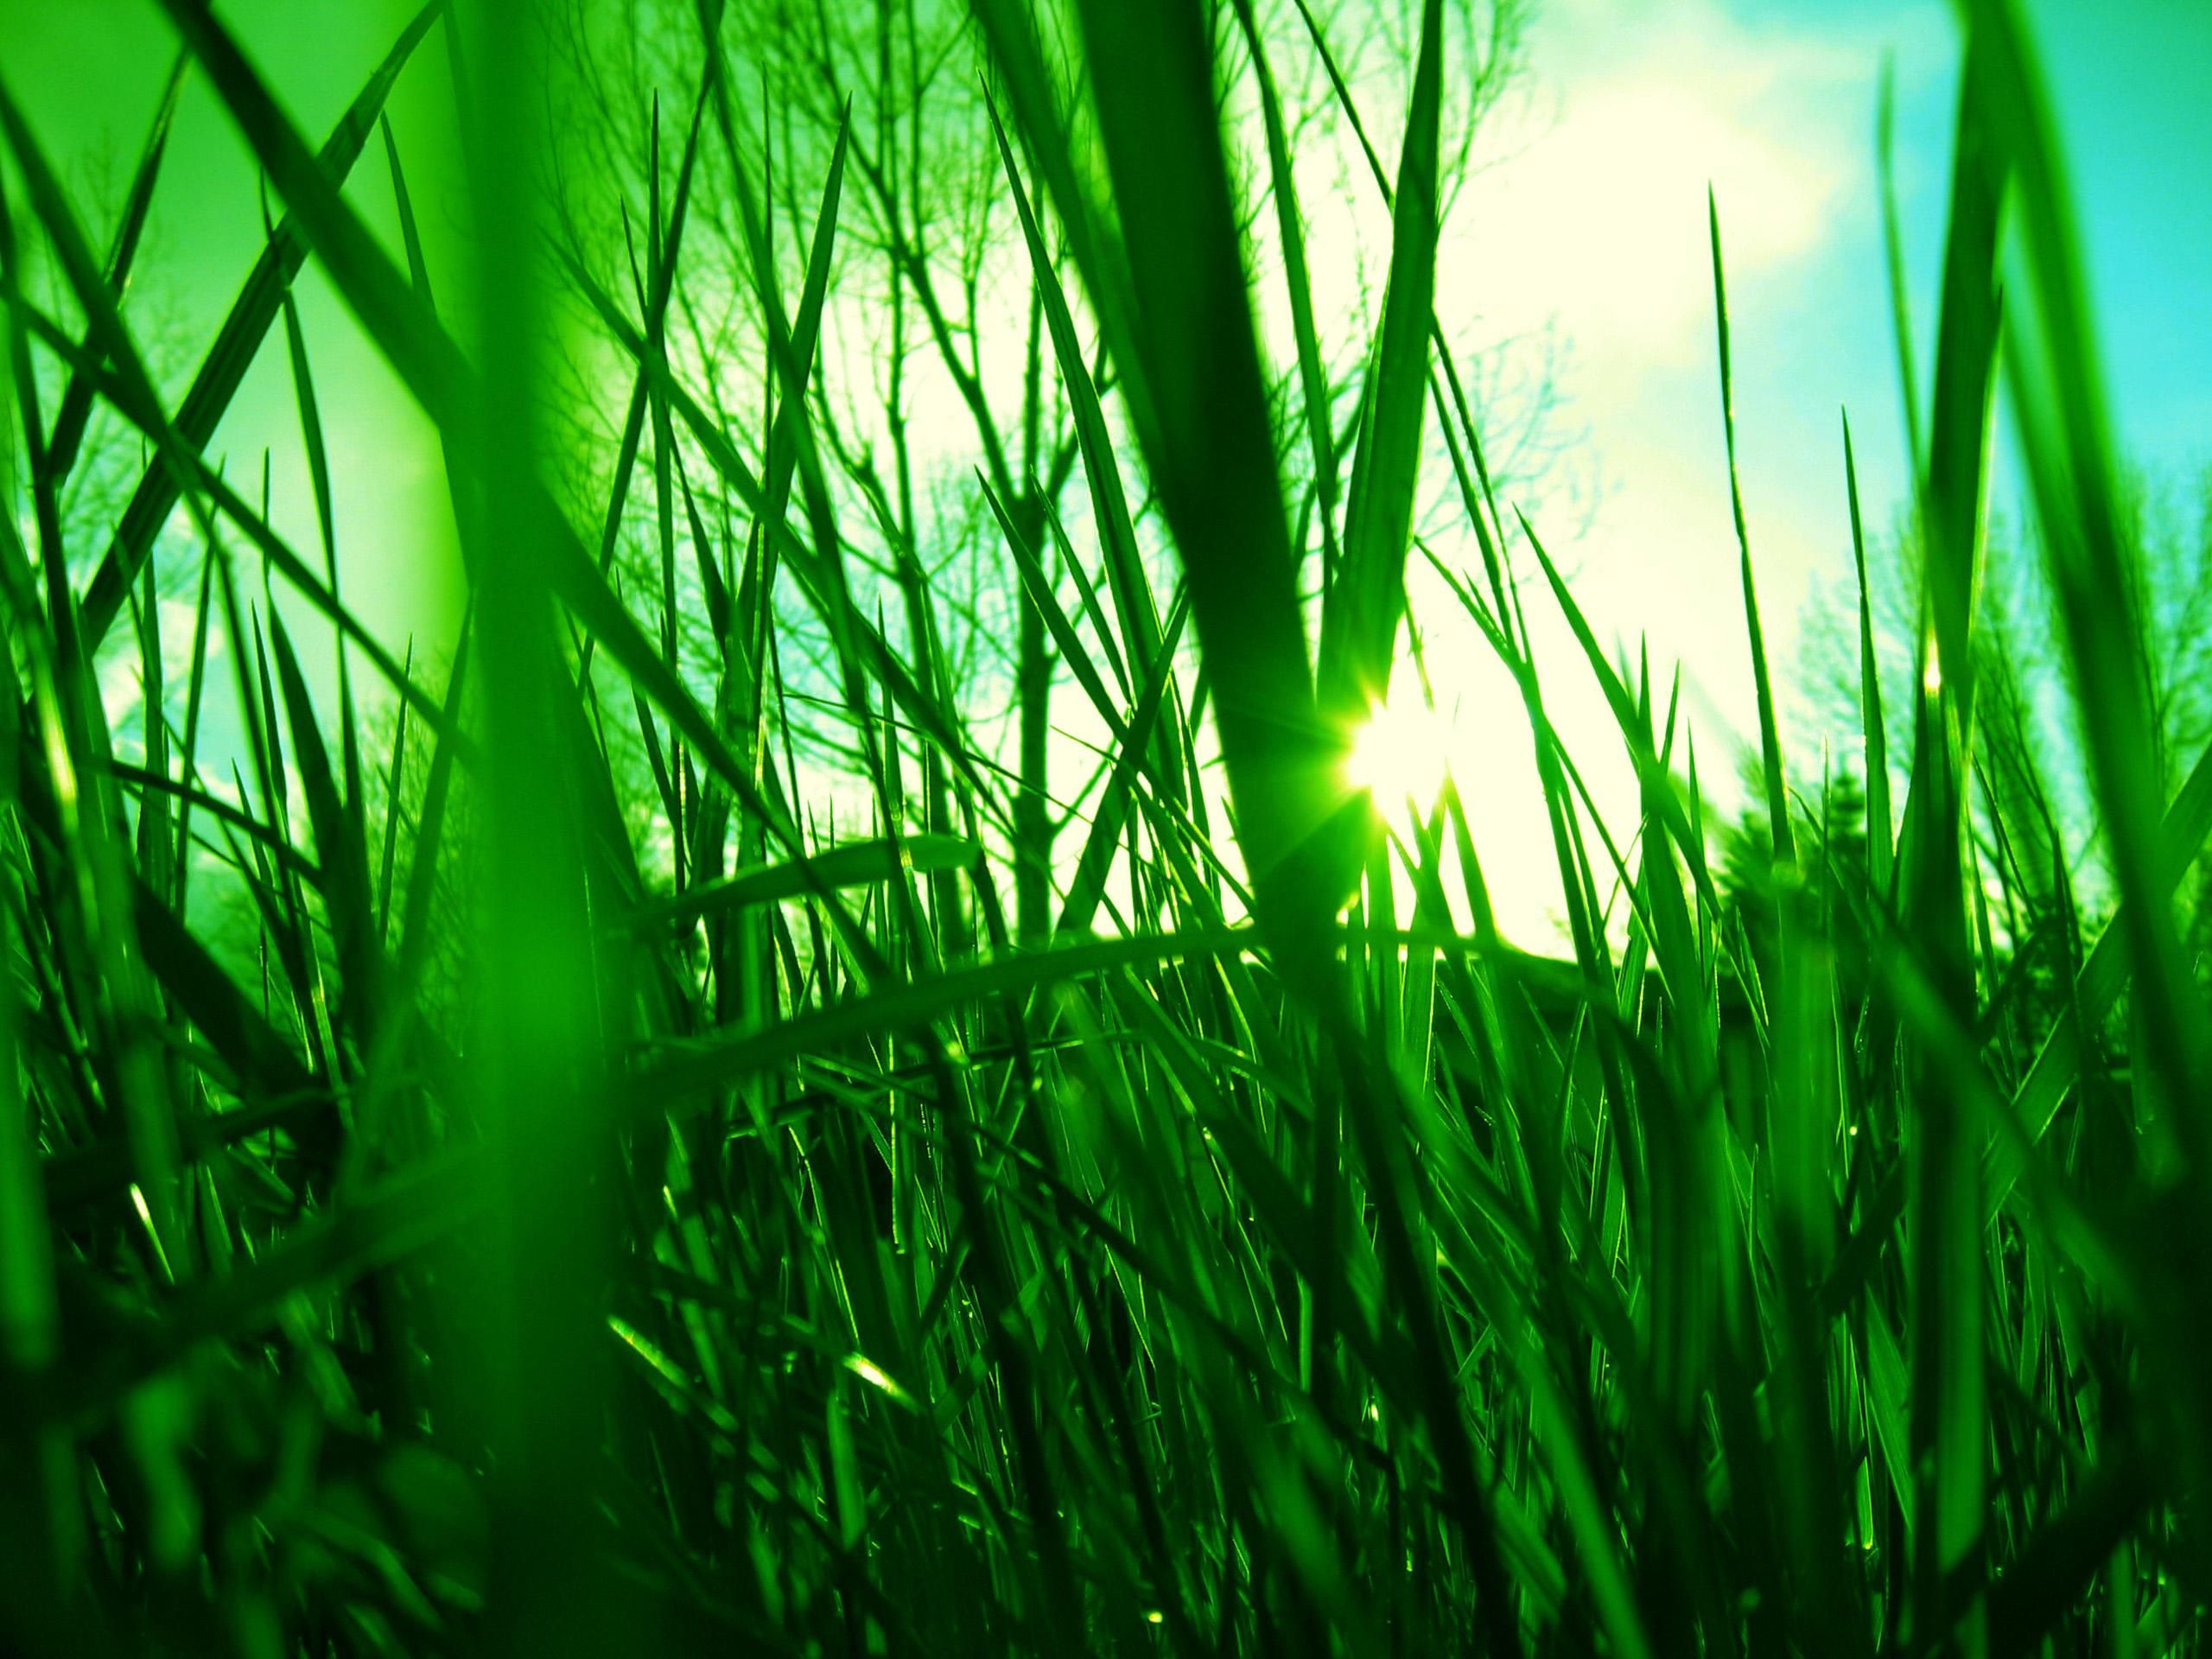 Зеленые растения в лучах солнца без смс